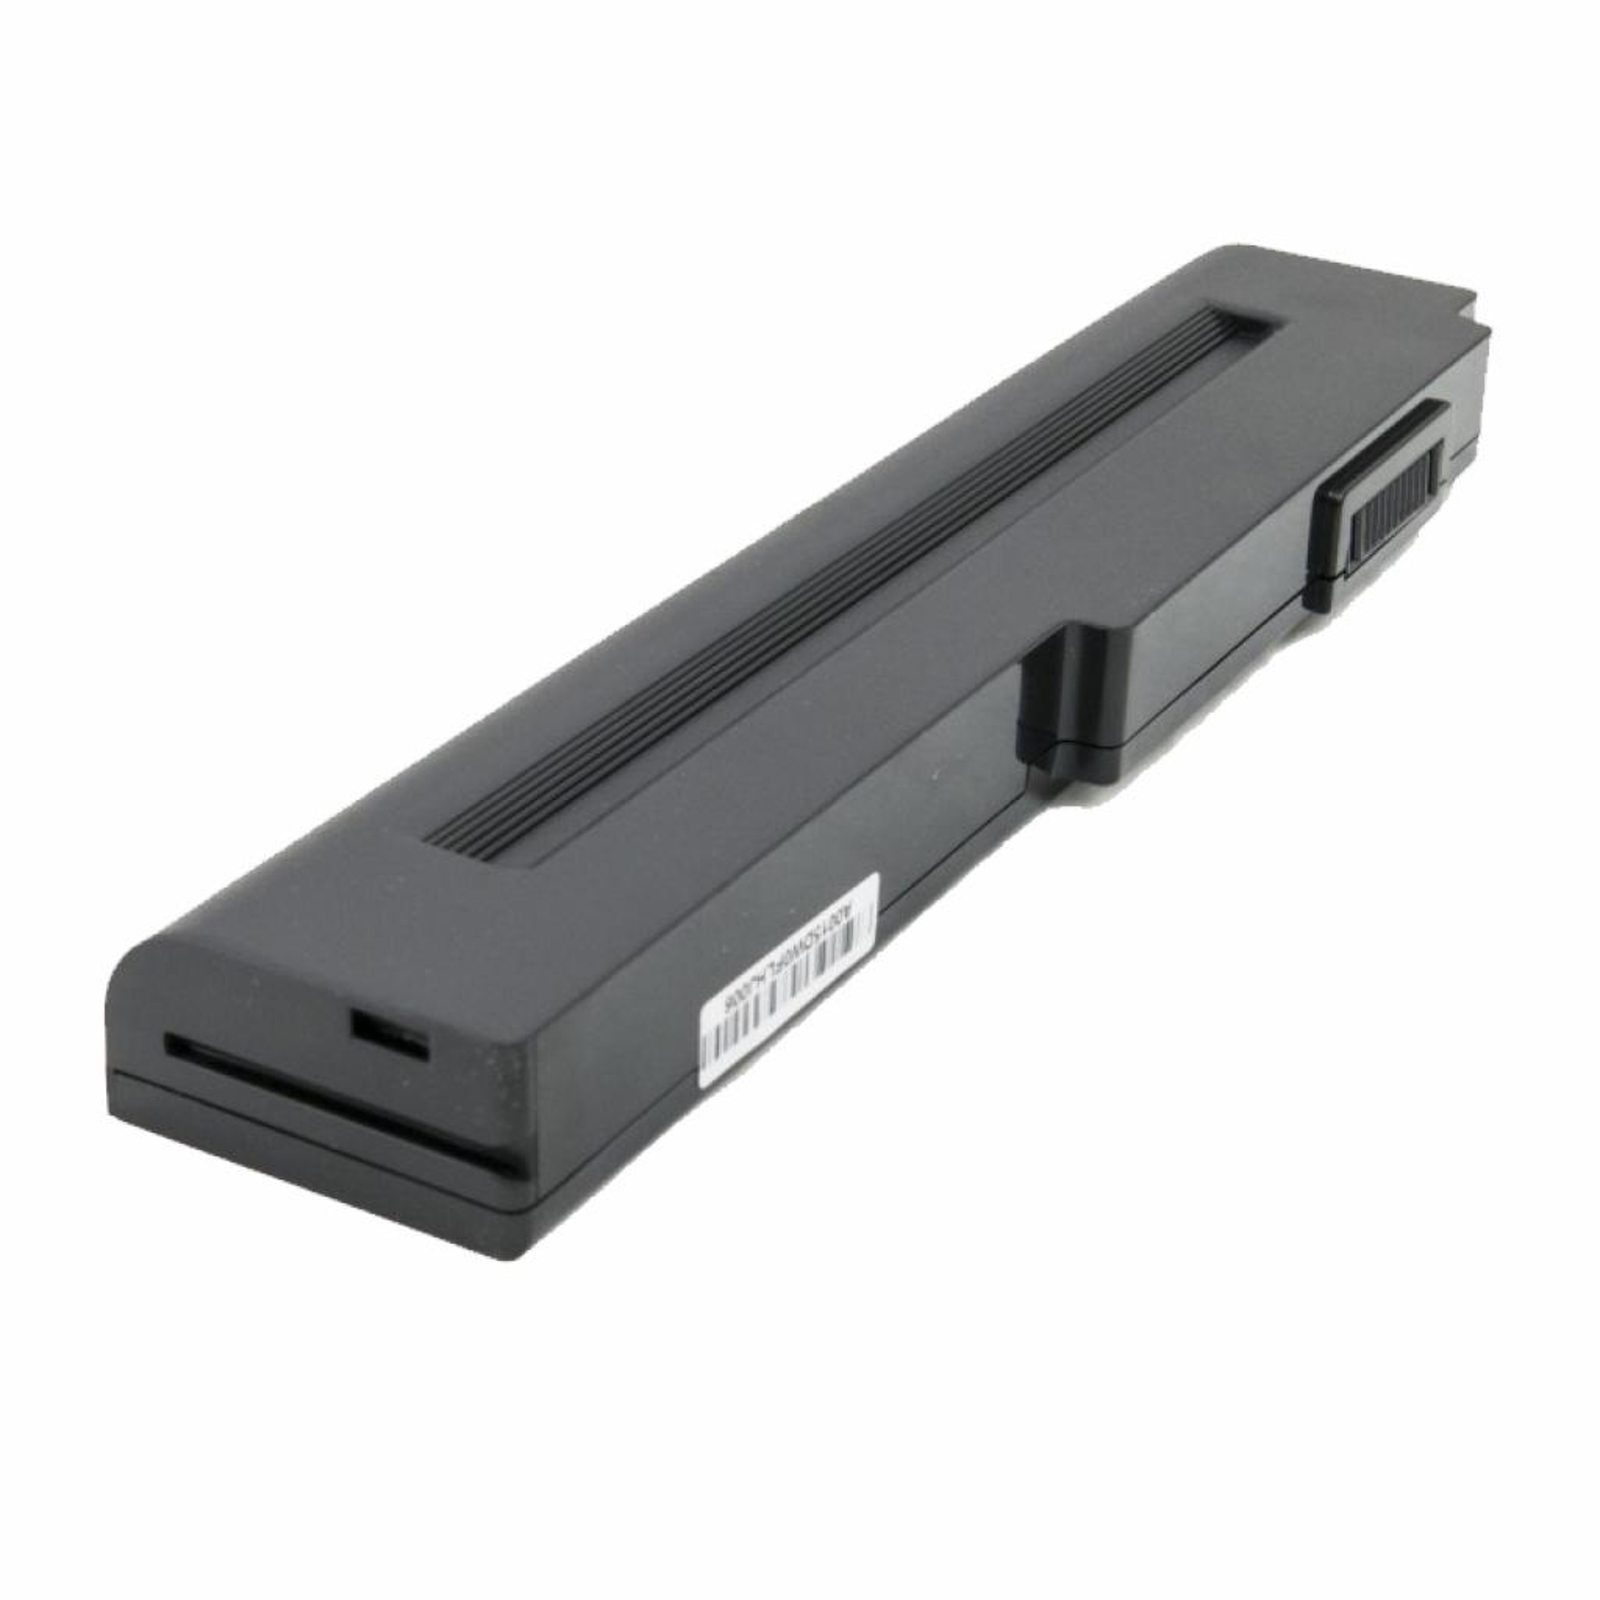 Аккумулятор для ноутбука Asus N61VG (A32-M50) 5200 mAh EXTRADIGITAL (BNA3928) изображение 3